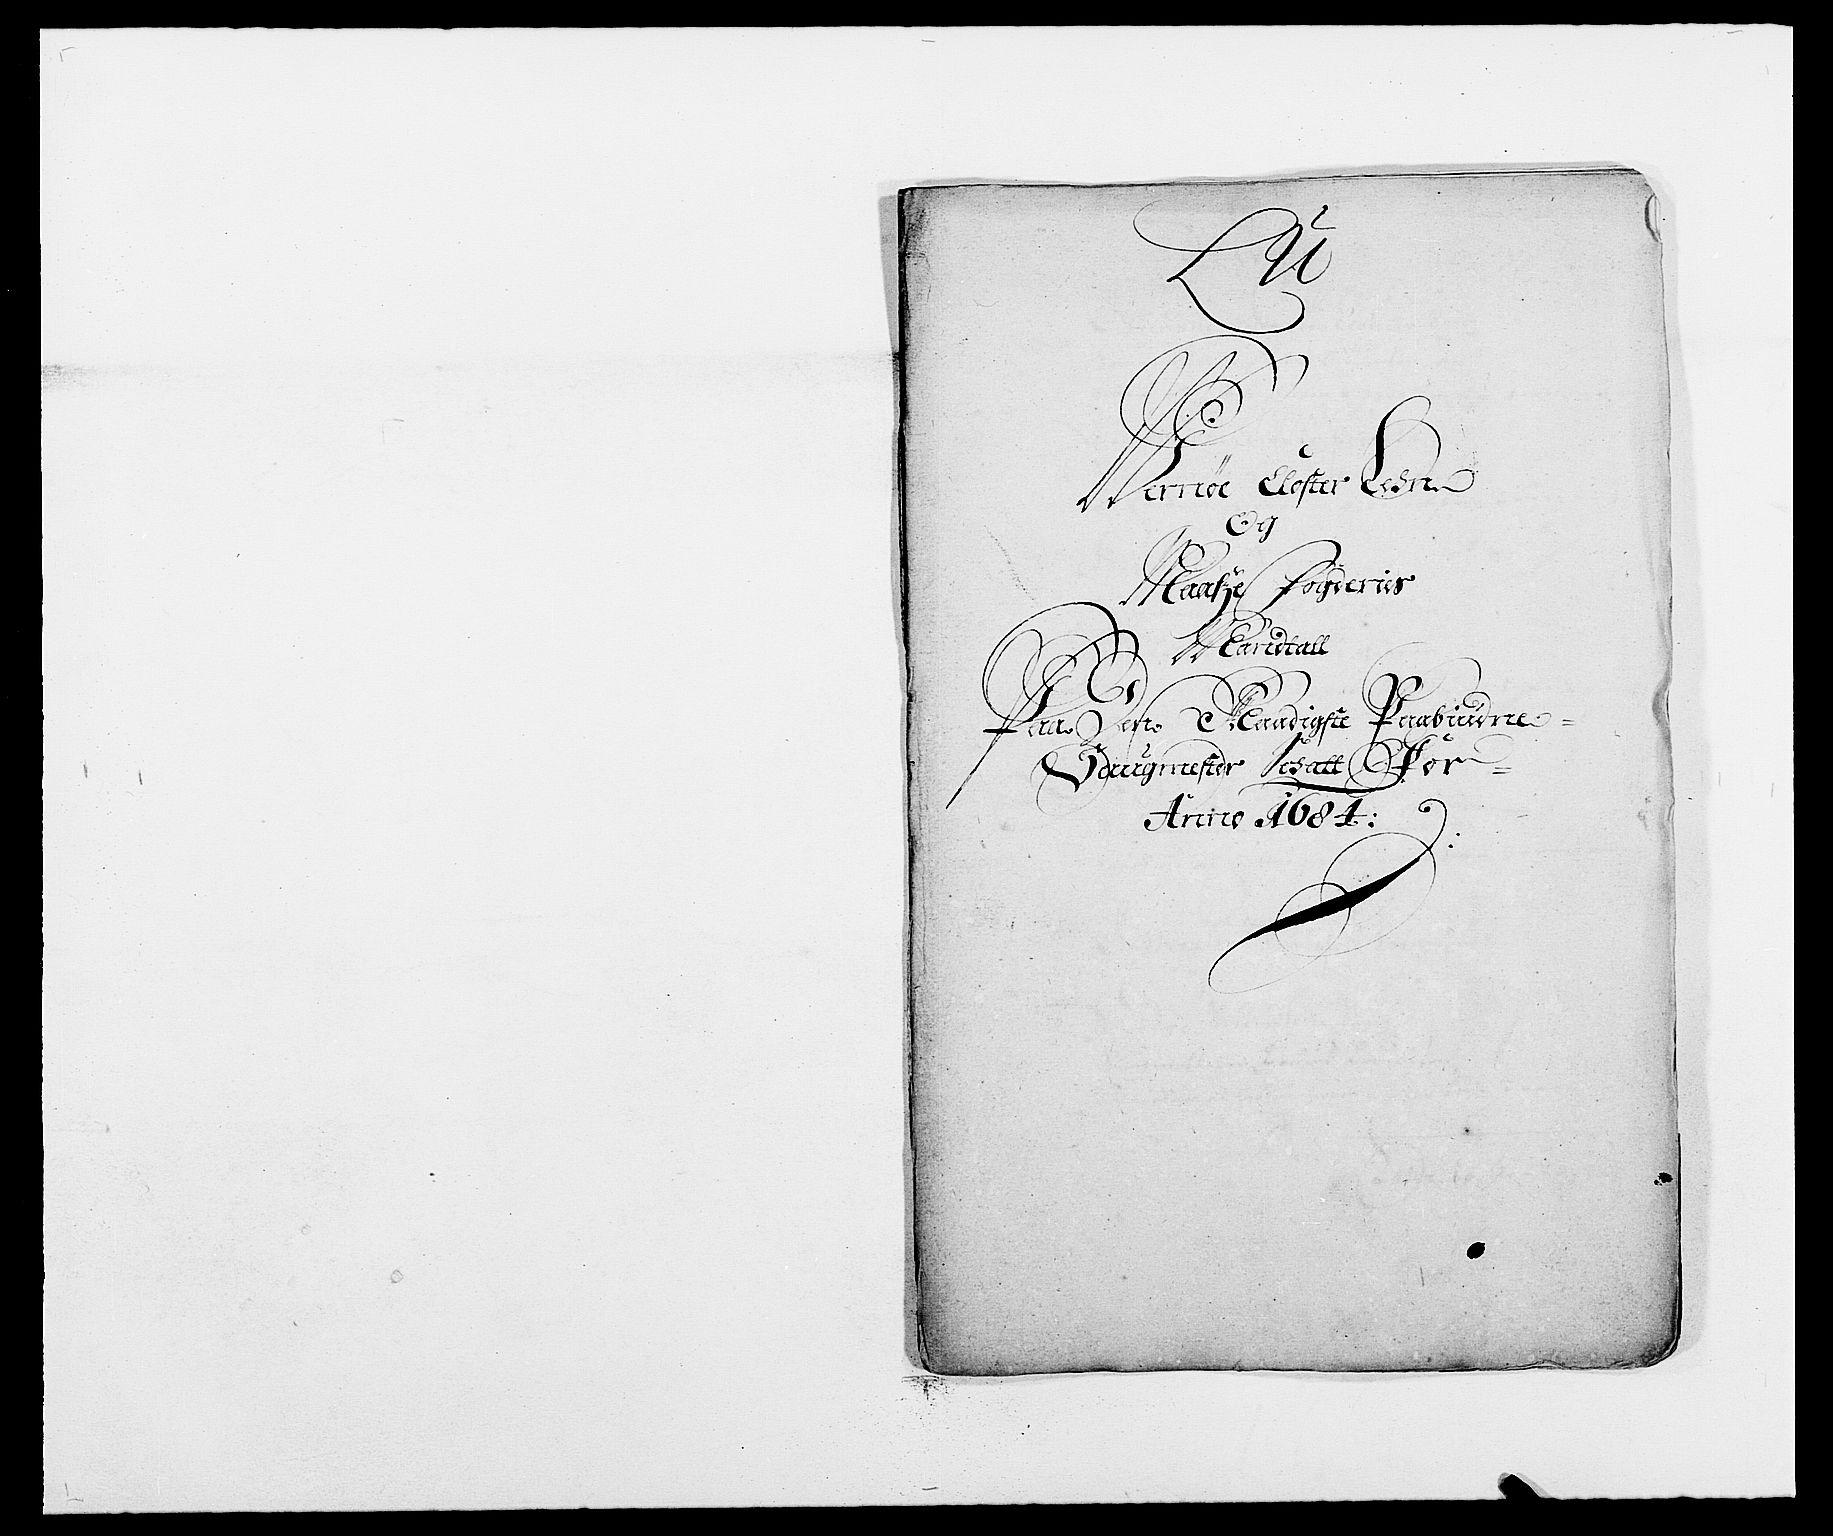 RA, Rentekammeret inntil 1814, Reviderte regnskaper, Fogderegnskap, R02/L0103: Fogderegnskap Moss og Verne kloster, 1682-1684, s. 511